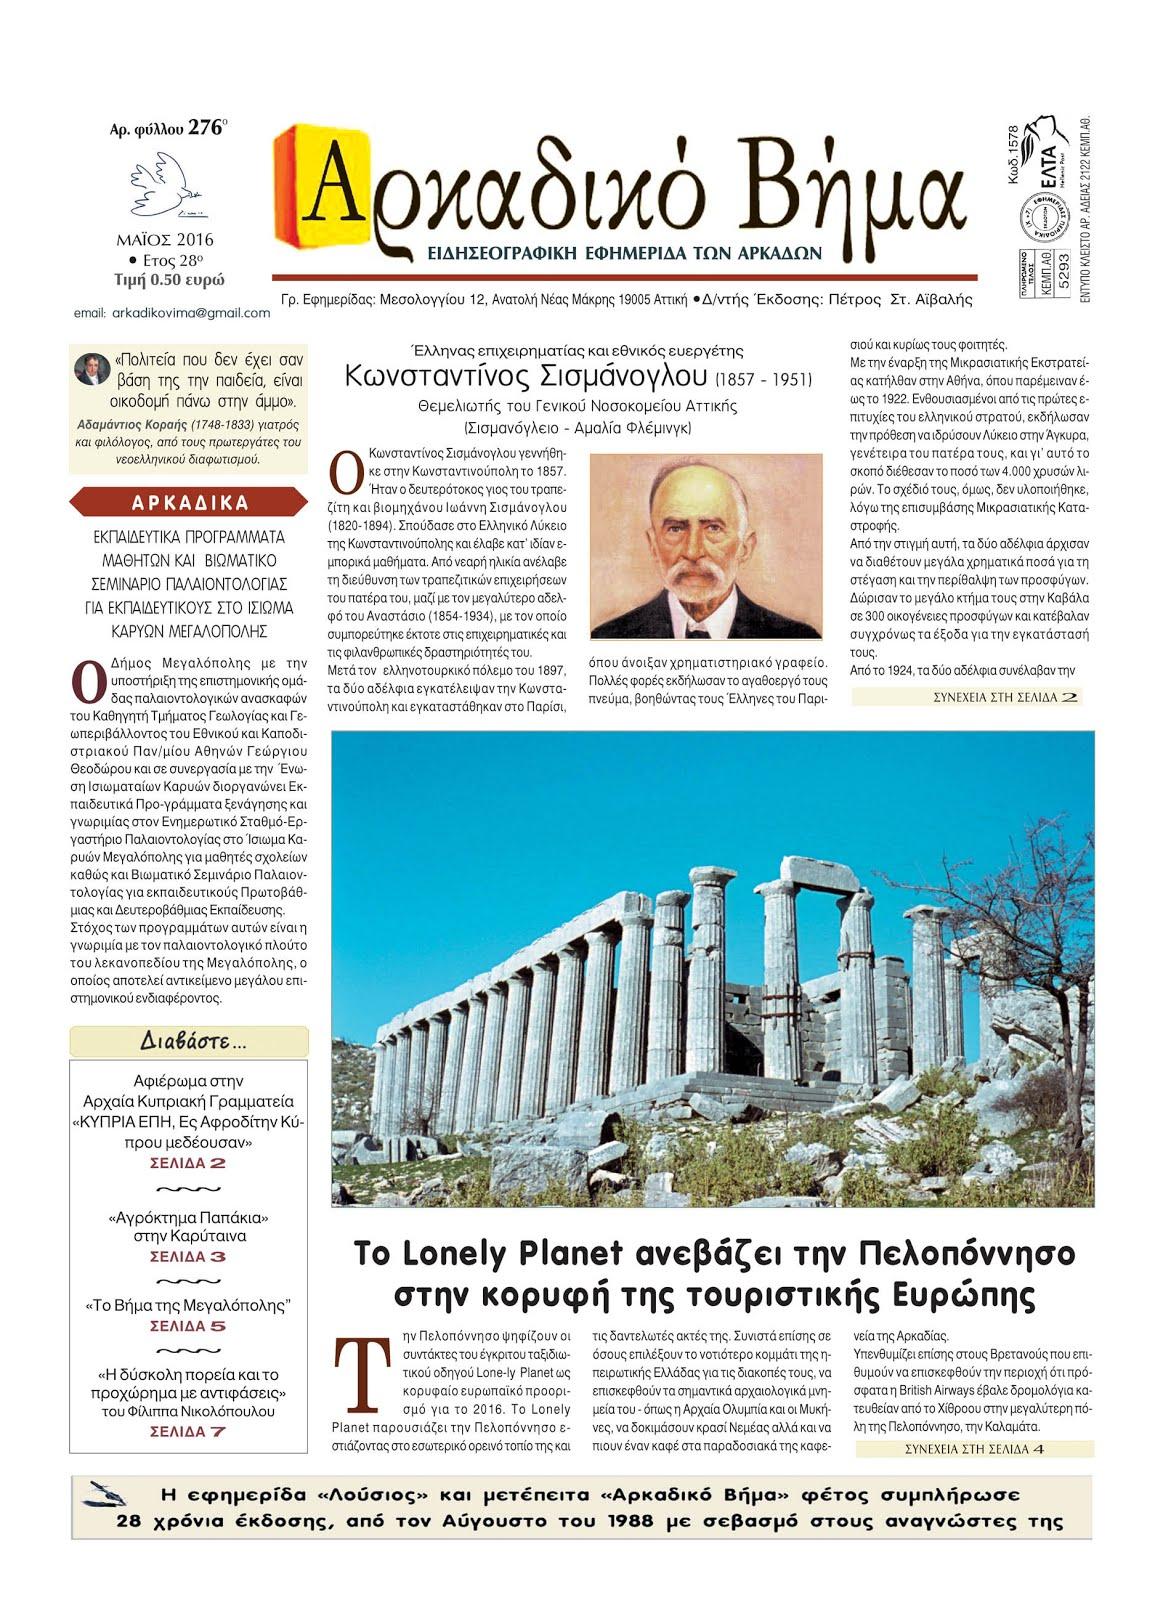 """""""Αρκαδικό Βήμα"""" : """"Το Lonely Planet ανεβάζει την Πελοπόννησο στην κορυφή της τουριστικής Ευρώπης"""""""